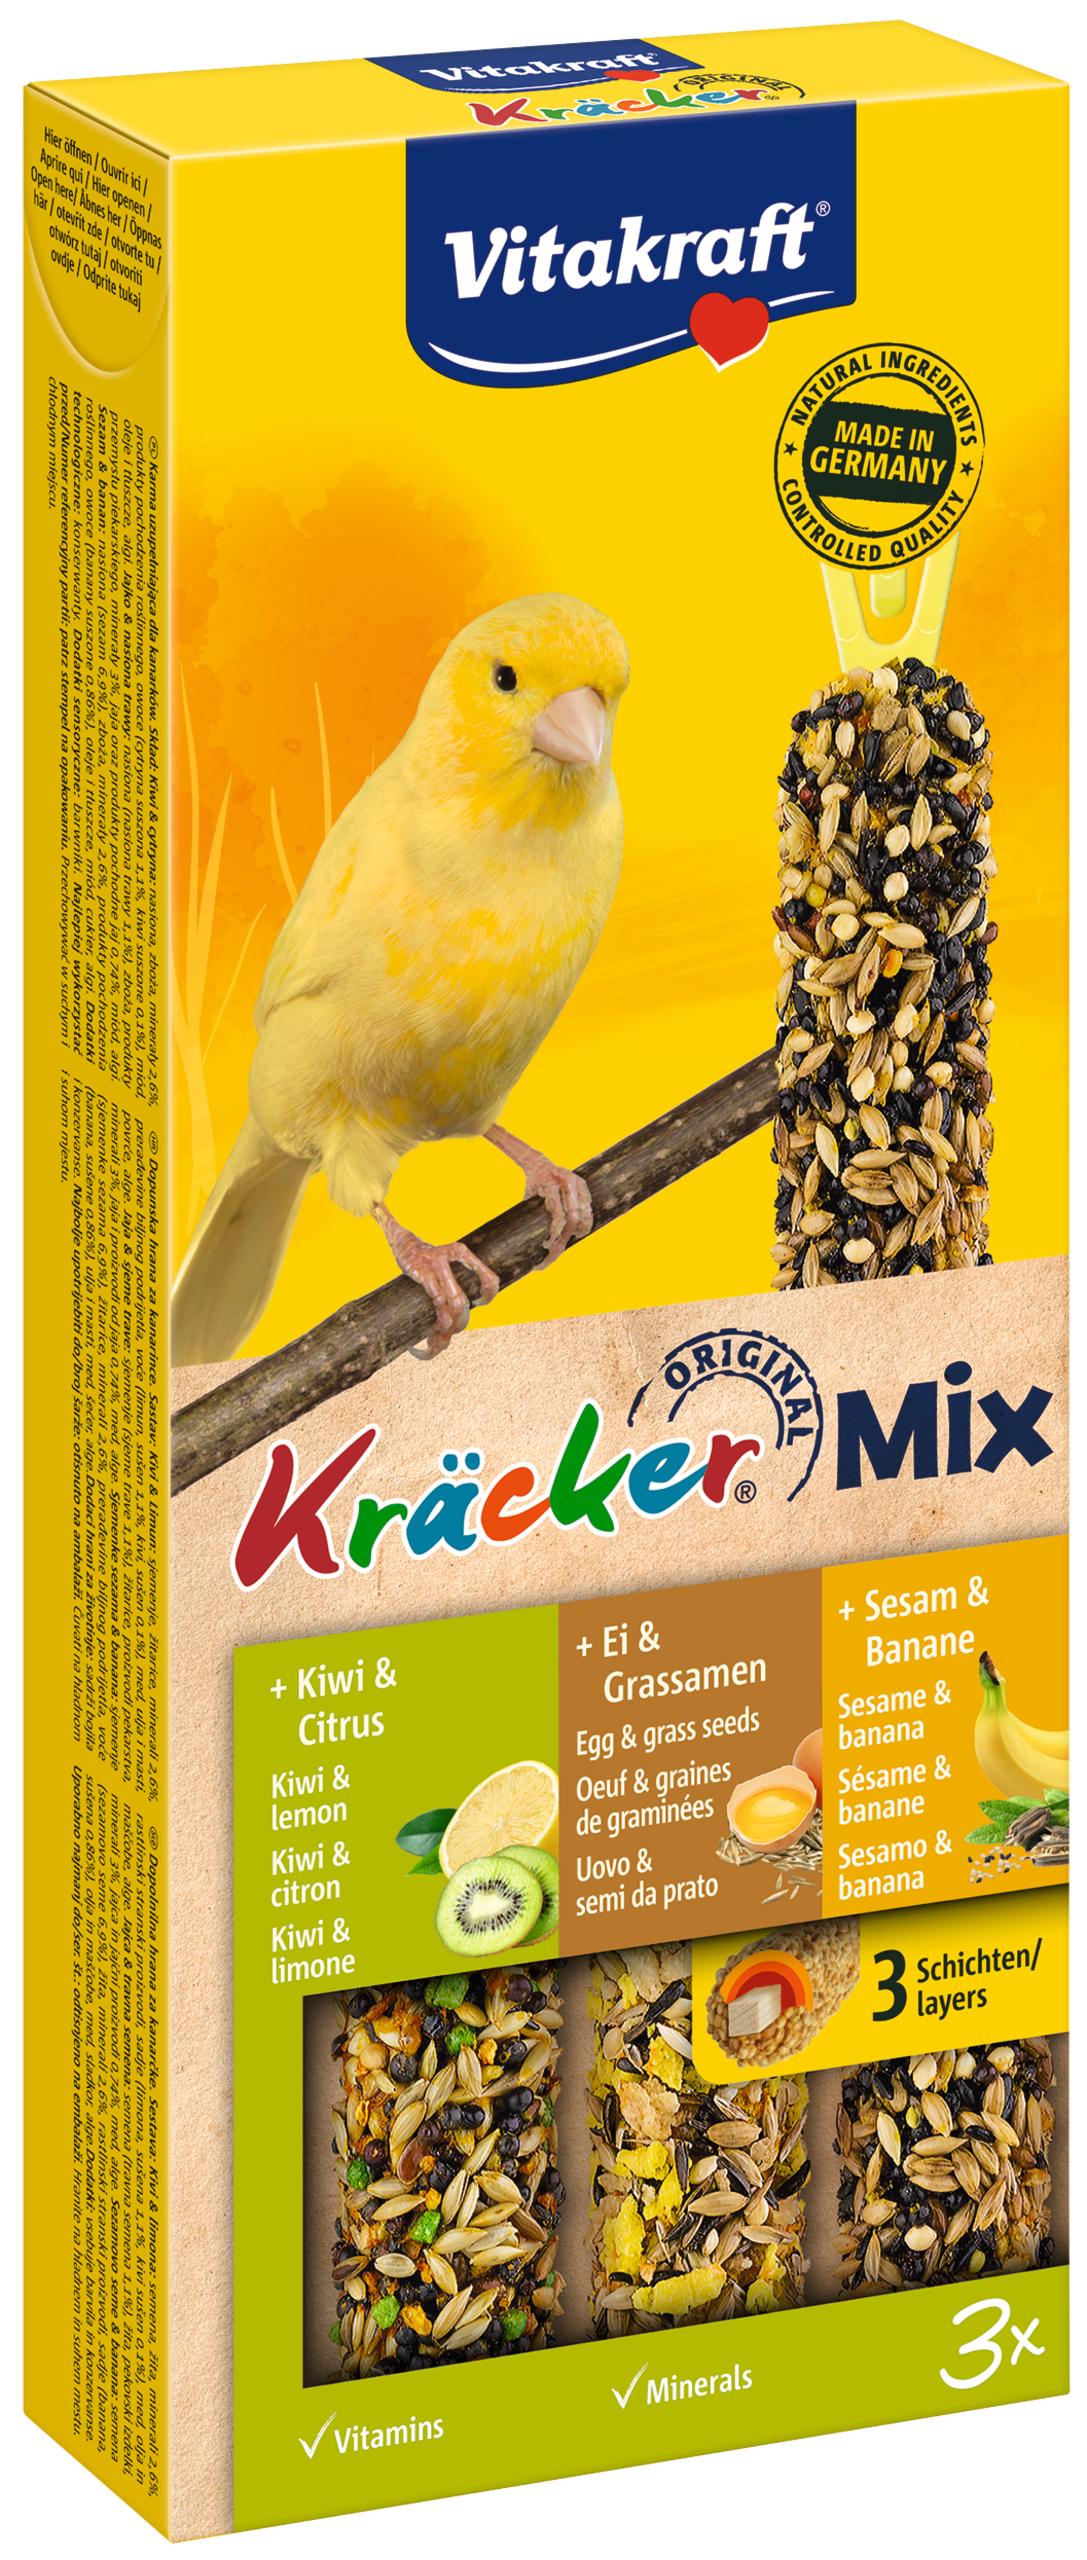 Vitakraft Kracker Mix Kanarie Kiwi/Ei/Banaan